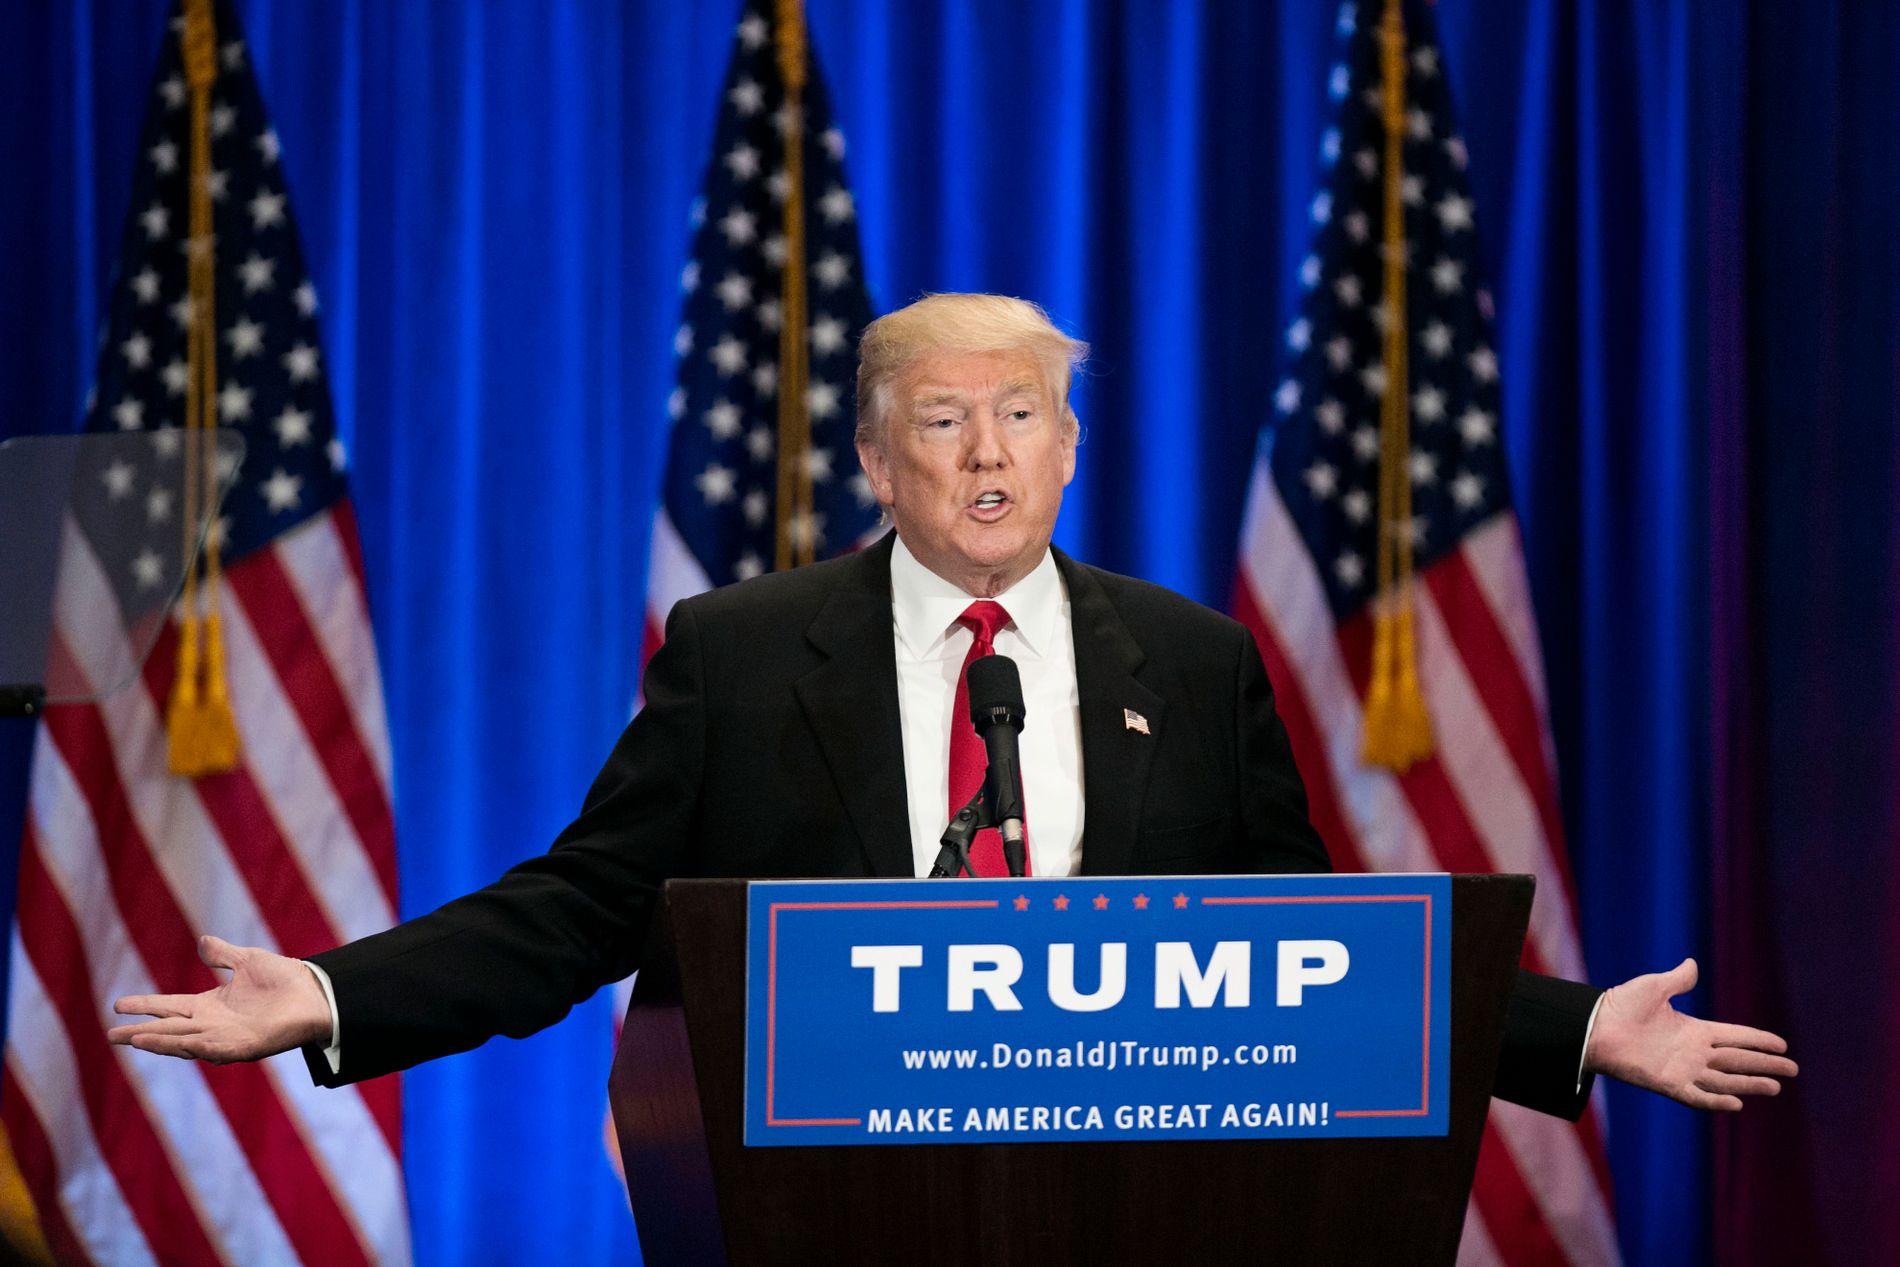 SENDTE UT SPØRRESKJEMA: Neste uke møter Republikanernes presidentkandidat Donald Trump Demokratenes Hillary Clinton til TV-sendt debatt. I forkant har han sendt ut et spørreskjema til sine tilhengere.